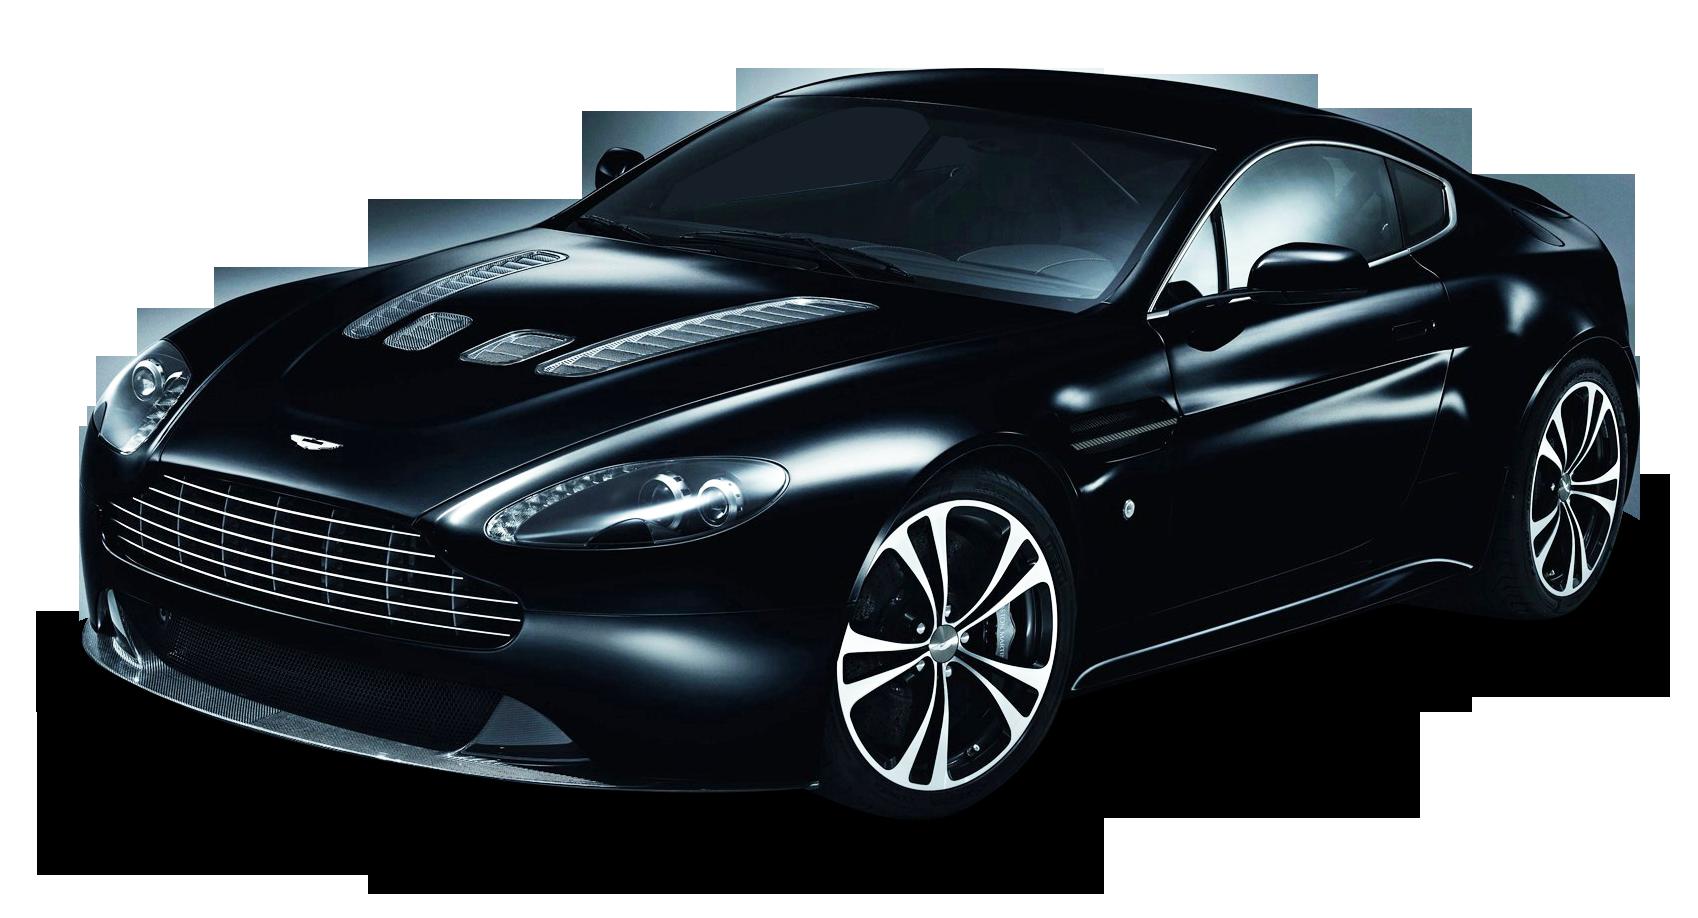 Aston Martin Carbon Black Car